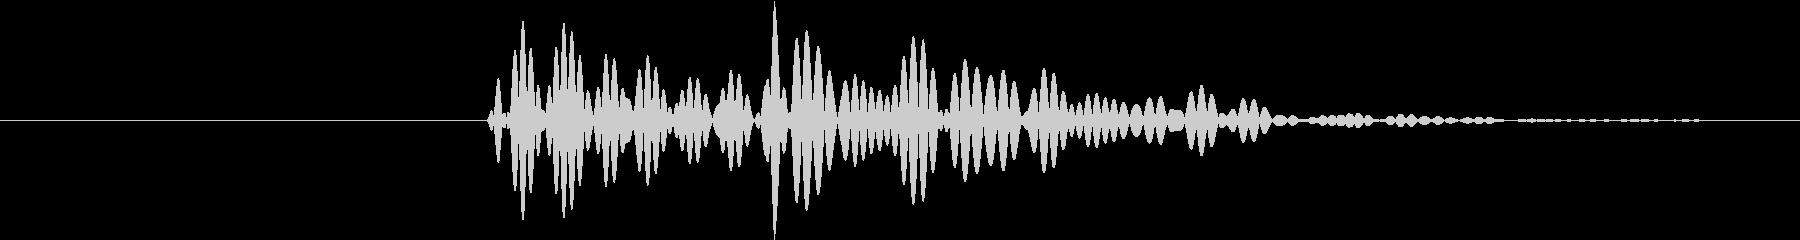 ポロン③(キャンセル・テロップ・通知音)の未再生の波形